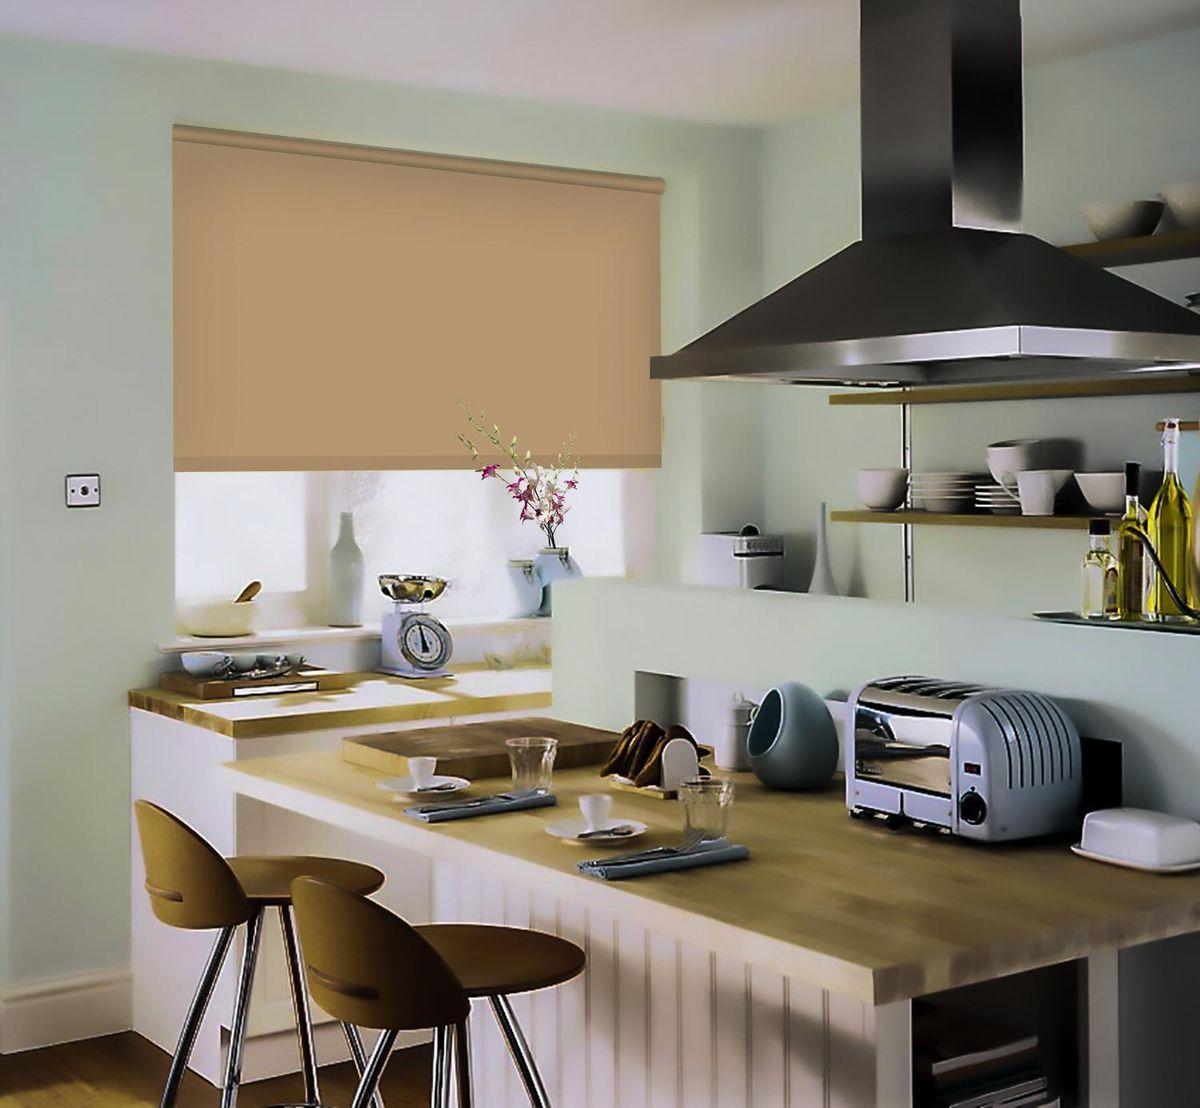 Штора рулонная Эскар, цвет: темно-бежевый, ширина 140 см, высота 170 см10503Рулонными шторами Эскар можно оформлять окна как самостоятельно, так и использовать в комбинации с портьерами. Это поможет предотвратить выгорание дорогой ткани на солнце и соединит функционал рулонных с красотой навесных. Преимущества применения рулонных штор для пластиковых окон: - имеют прекрасный внешний вид: многообразие и фактурность материала изделия отлично смотрятся в любом интерьере;- многофункциональны: есть возможность подобрать шторы способные эффективно защитить комнату от солнца, при этом она не будет слишком темной;- есть возможность осуществить быстрый монтаж.ВНИМАНИЕ! Размеры ширины изделия указаны по ширине ткани! Во время эксплуатации не рекомендуется полностью разматывать рулон, чтобы не оторвать ткань от намоточного вала. В случае загрязнения поверхности ткани, чистку шторы проводят одним из способов, в зависимости от типа загрязнения:легкое поверхностное загрязнение можно удалить при помощи канцелярского ластика;чистка от пыли производится сухим методом при помощи пылесоса с мягкой щеткой-насадкой;для удаления пятна используйте мягкую губку с пенообразующим неагрессивным моющим средством или пятновыводитель на натуральной основе (нельзя применять растворители).